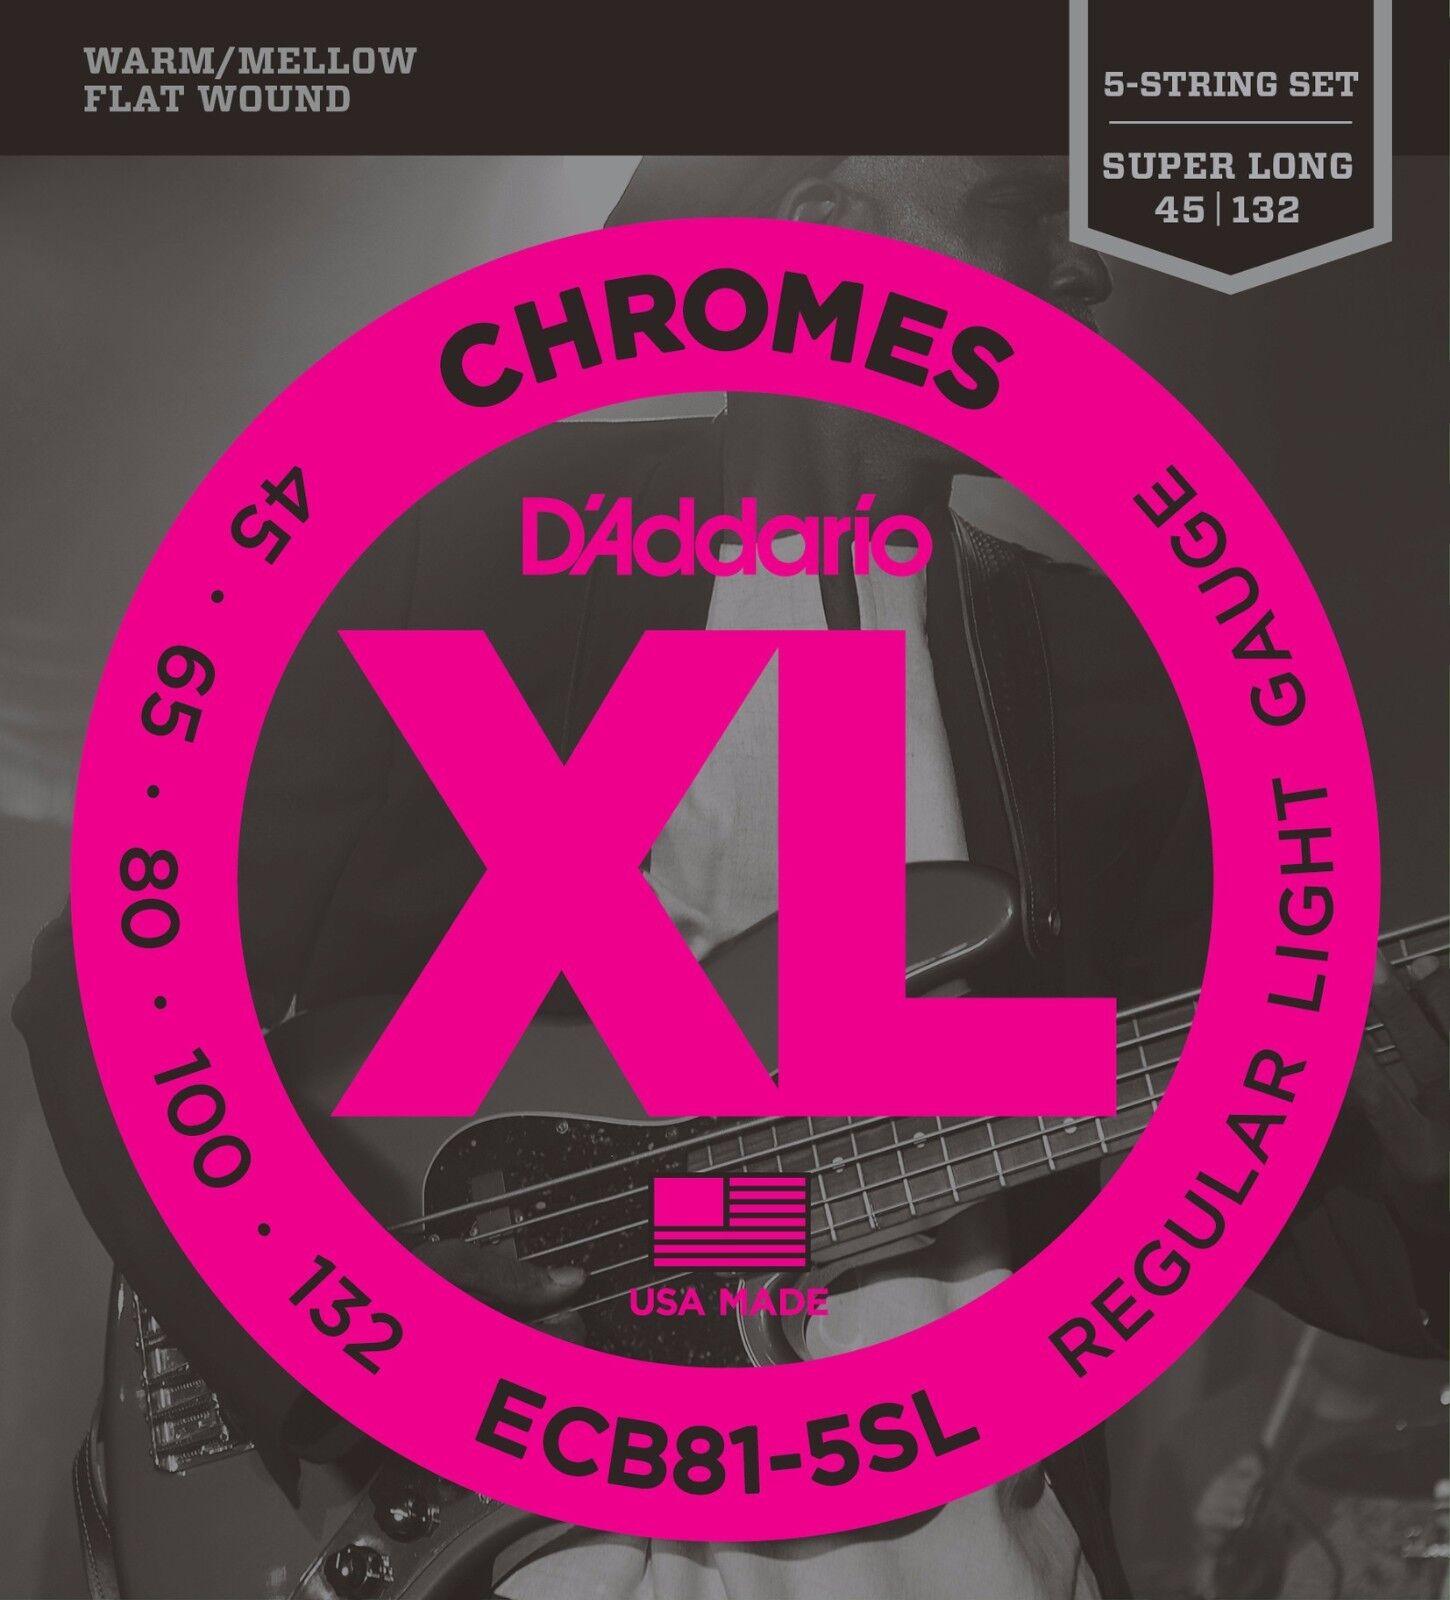 D 'Addario ECB81-5SL XL XL XL Chromes Flat herida Super Largo Bajo Guitarra Cuerdas 45-132 8ddaf5